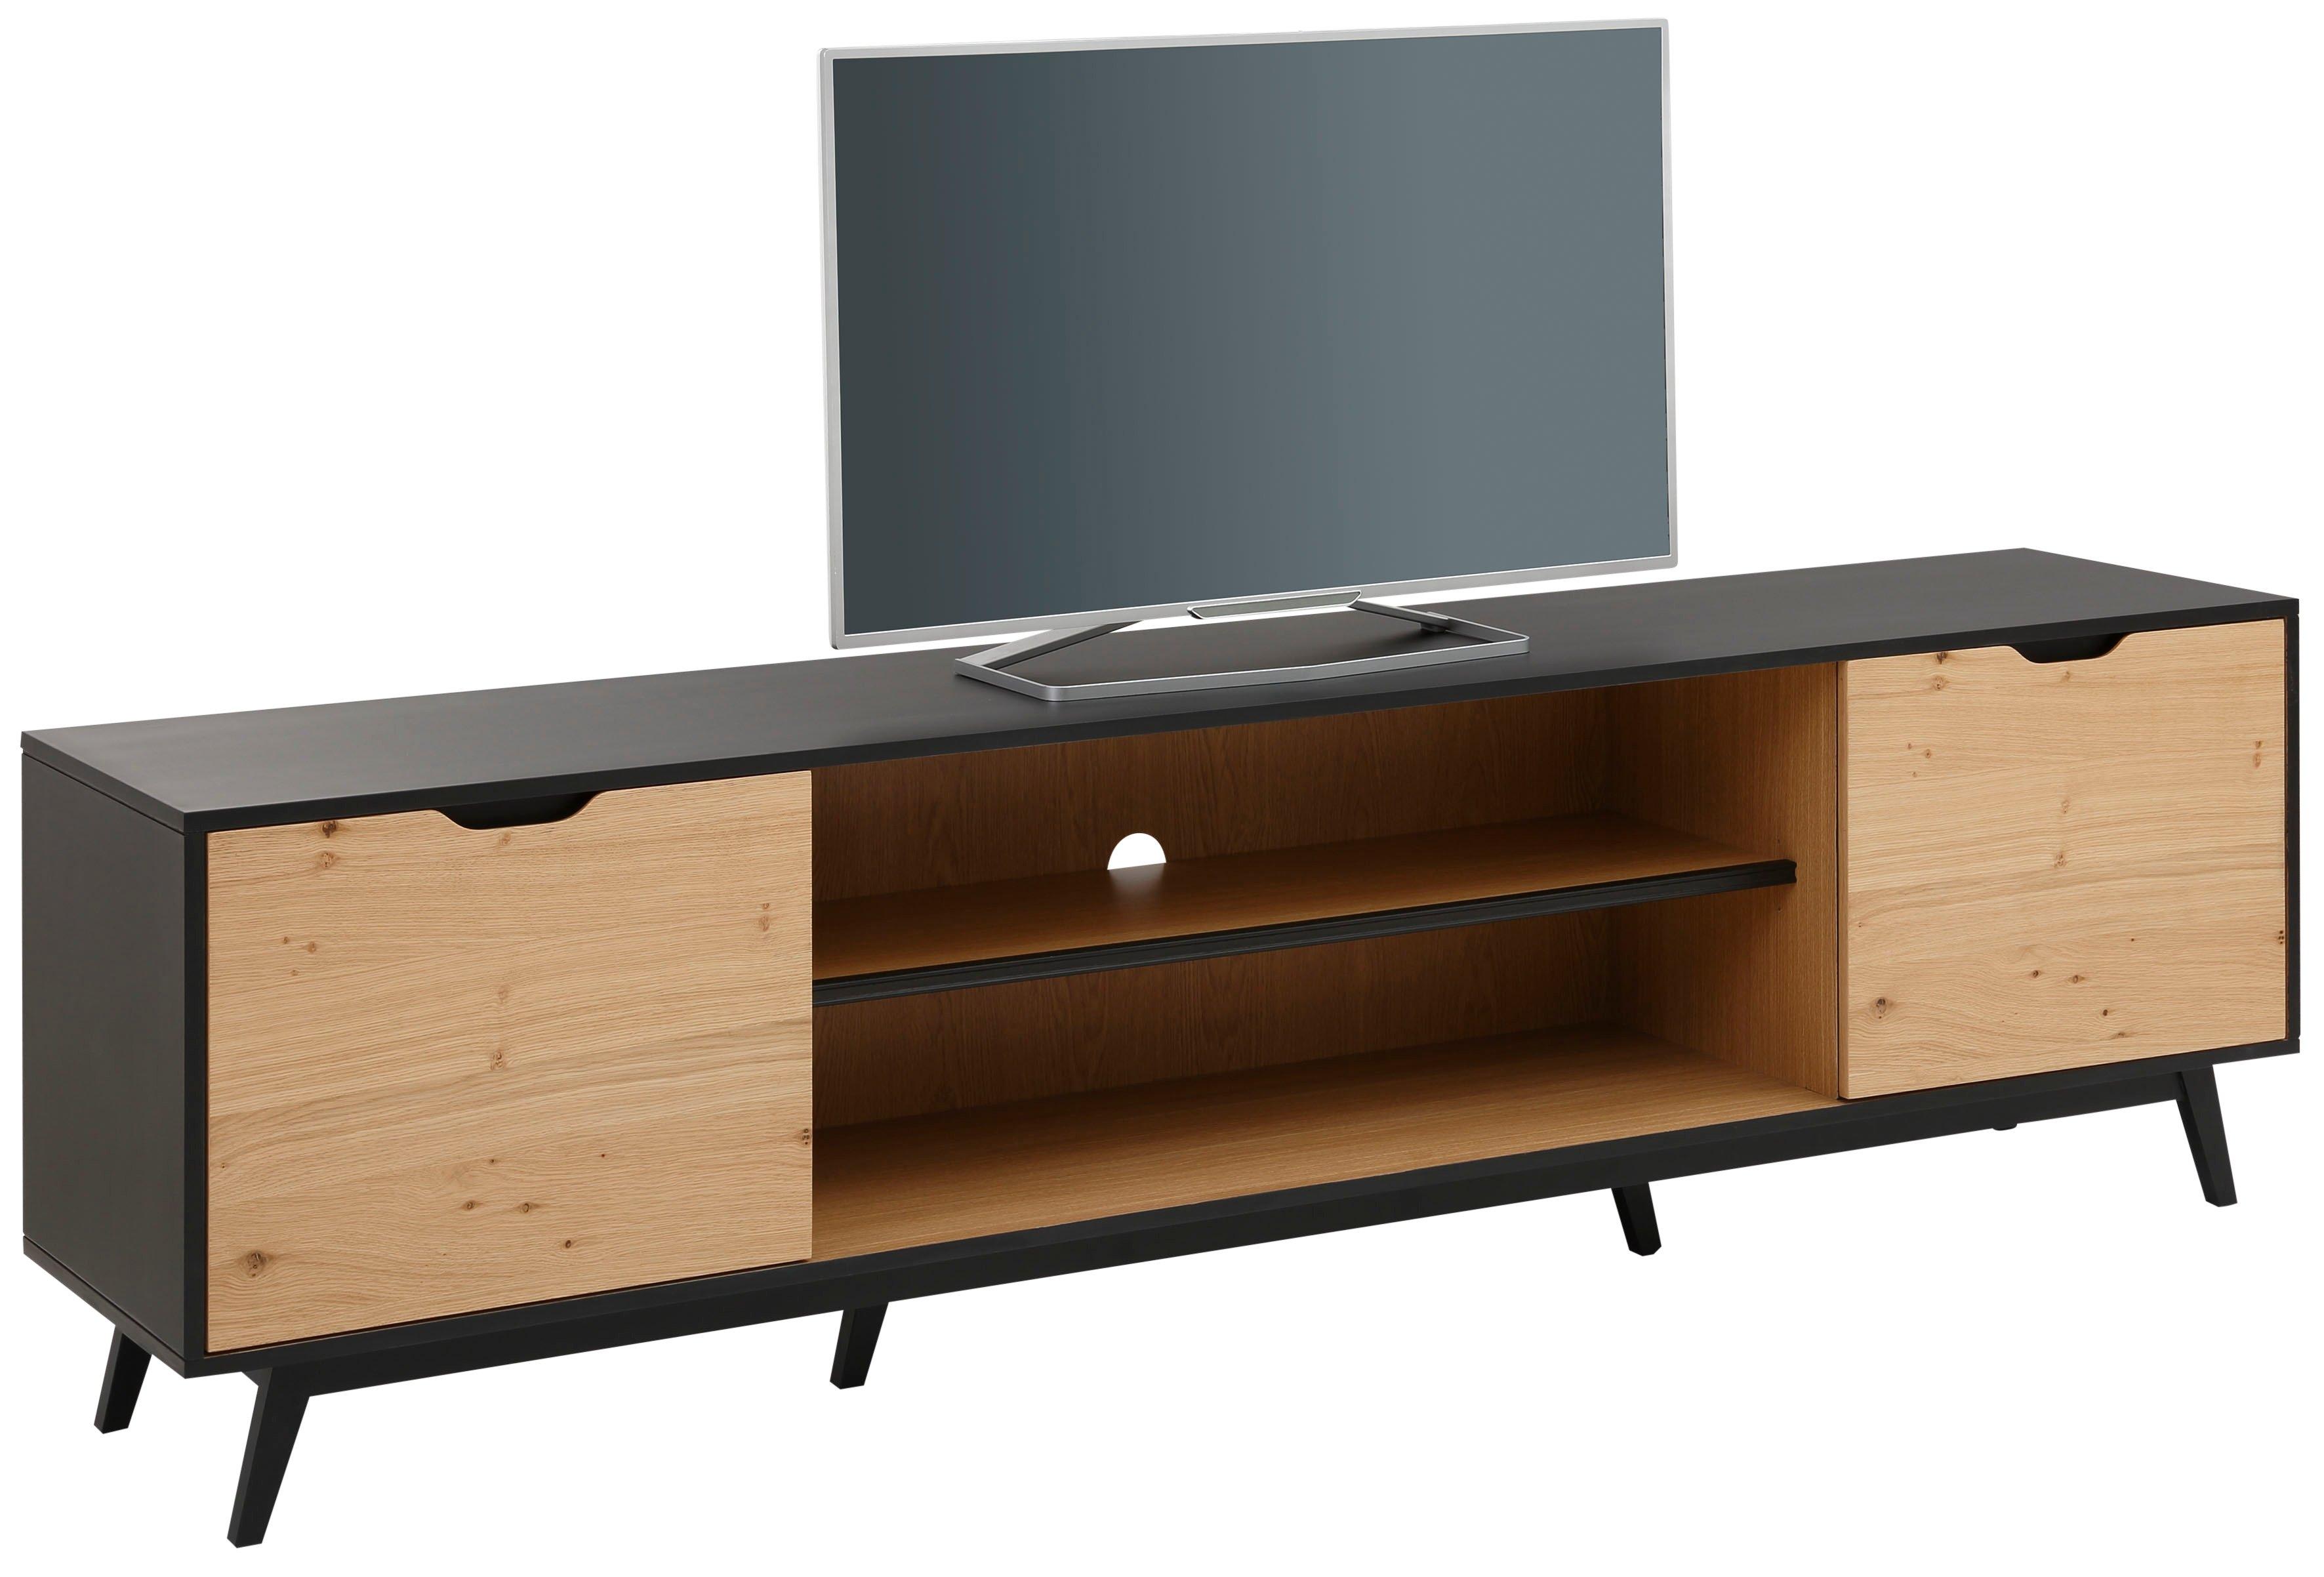 Home affaire tv-meubel FLOW met twee vakken, twee deuren en een mooie hout-look goedkoop op otto.nl kopen